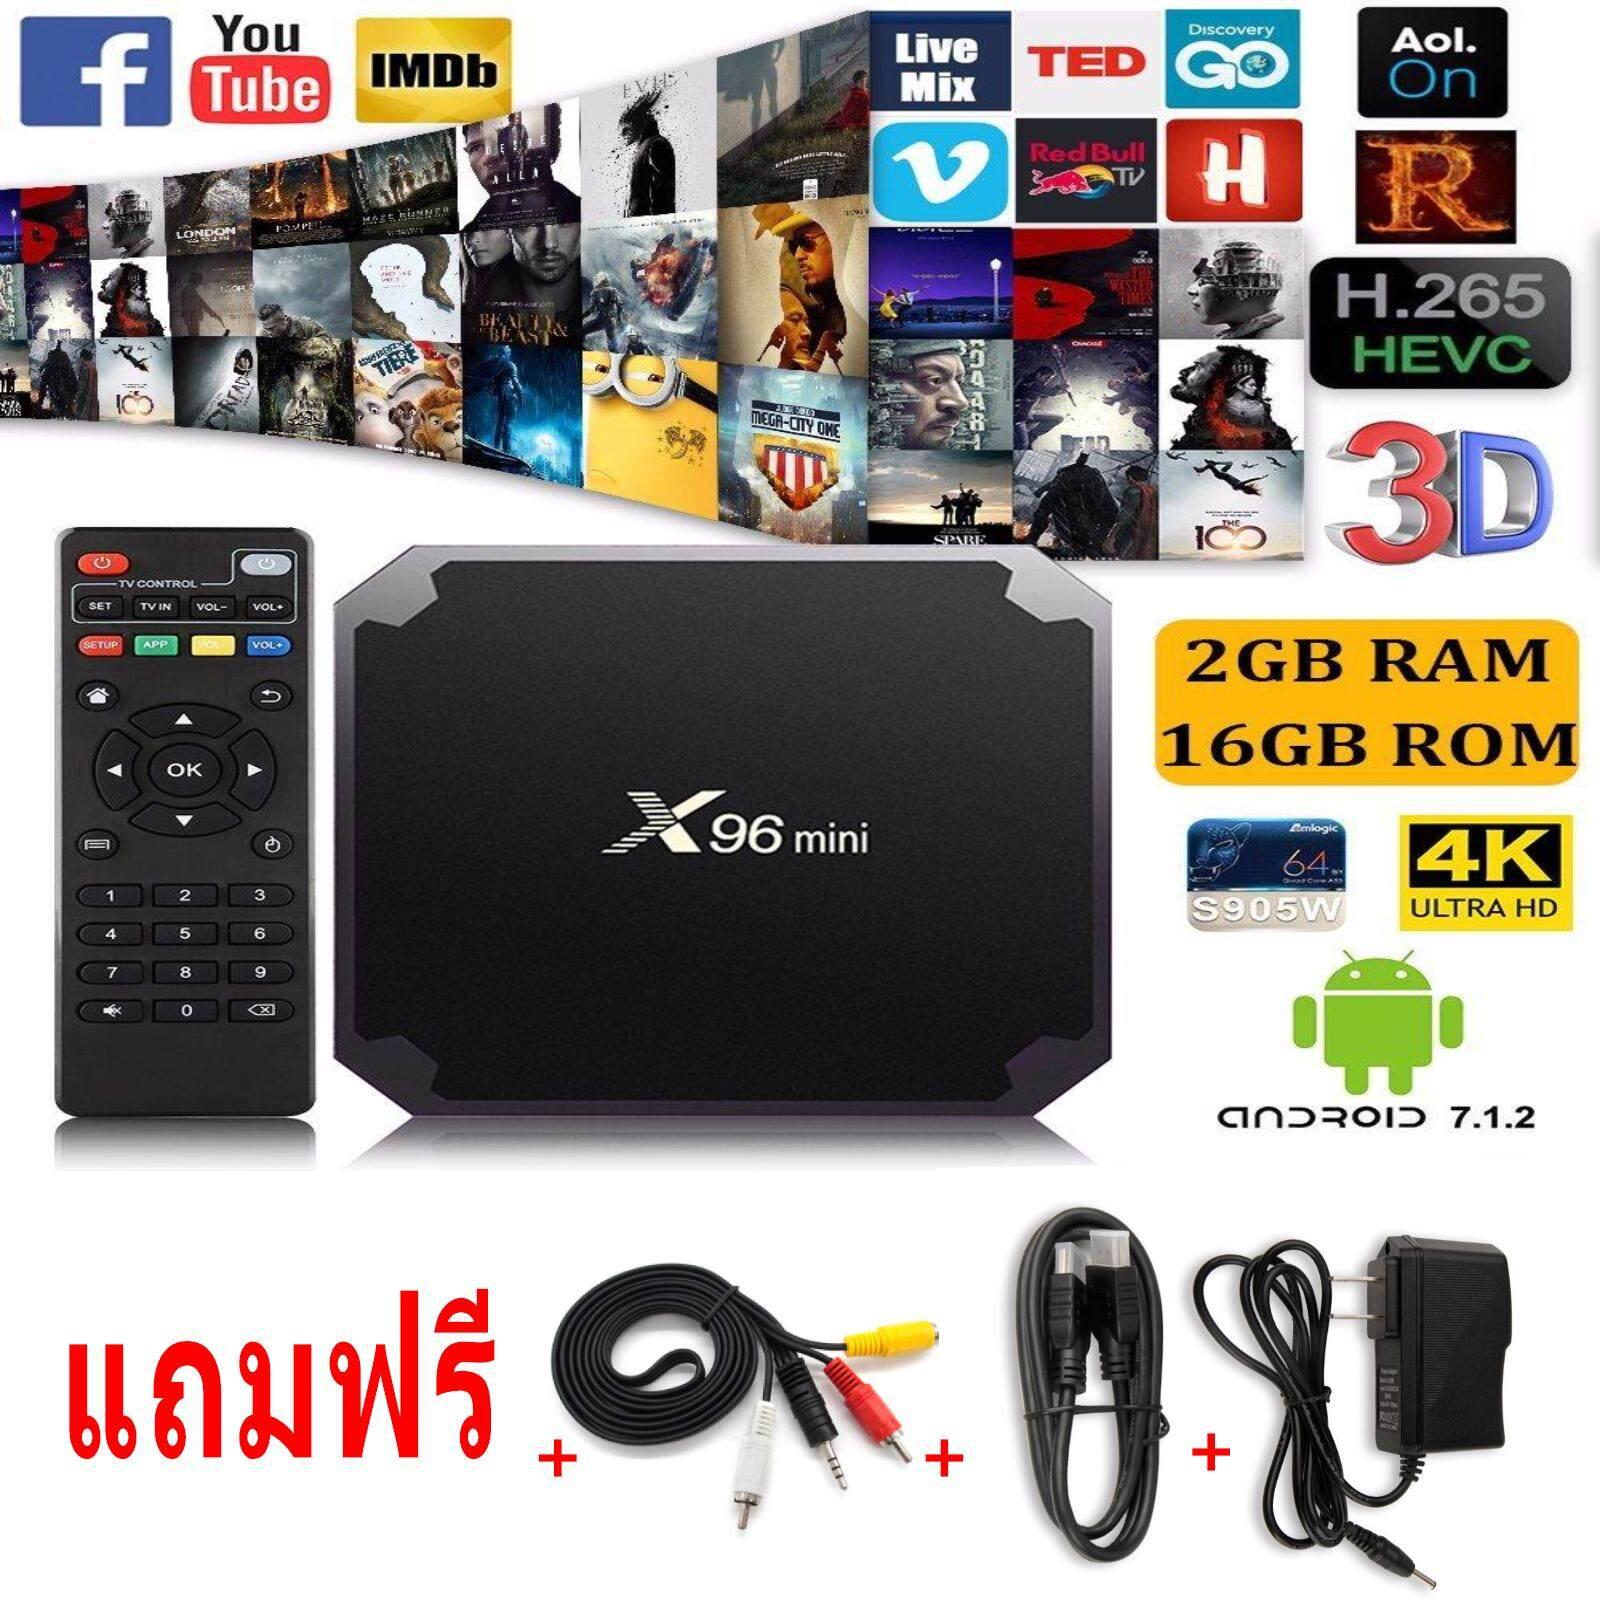 ทำบัตรเครดิตออนไลน์  ลำพูน X96mini Android TV Box 7.1.2 แรม2GB/ 16GB Amlogic S905W Coretex A53 64-Bit CPU